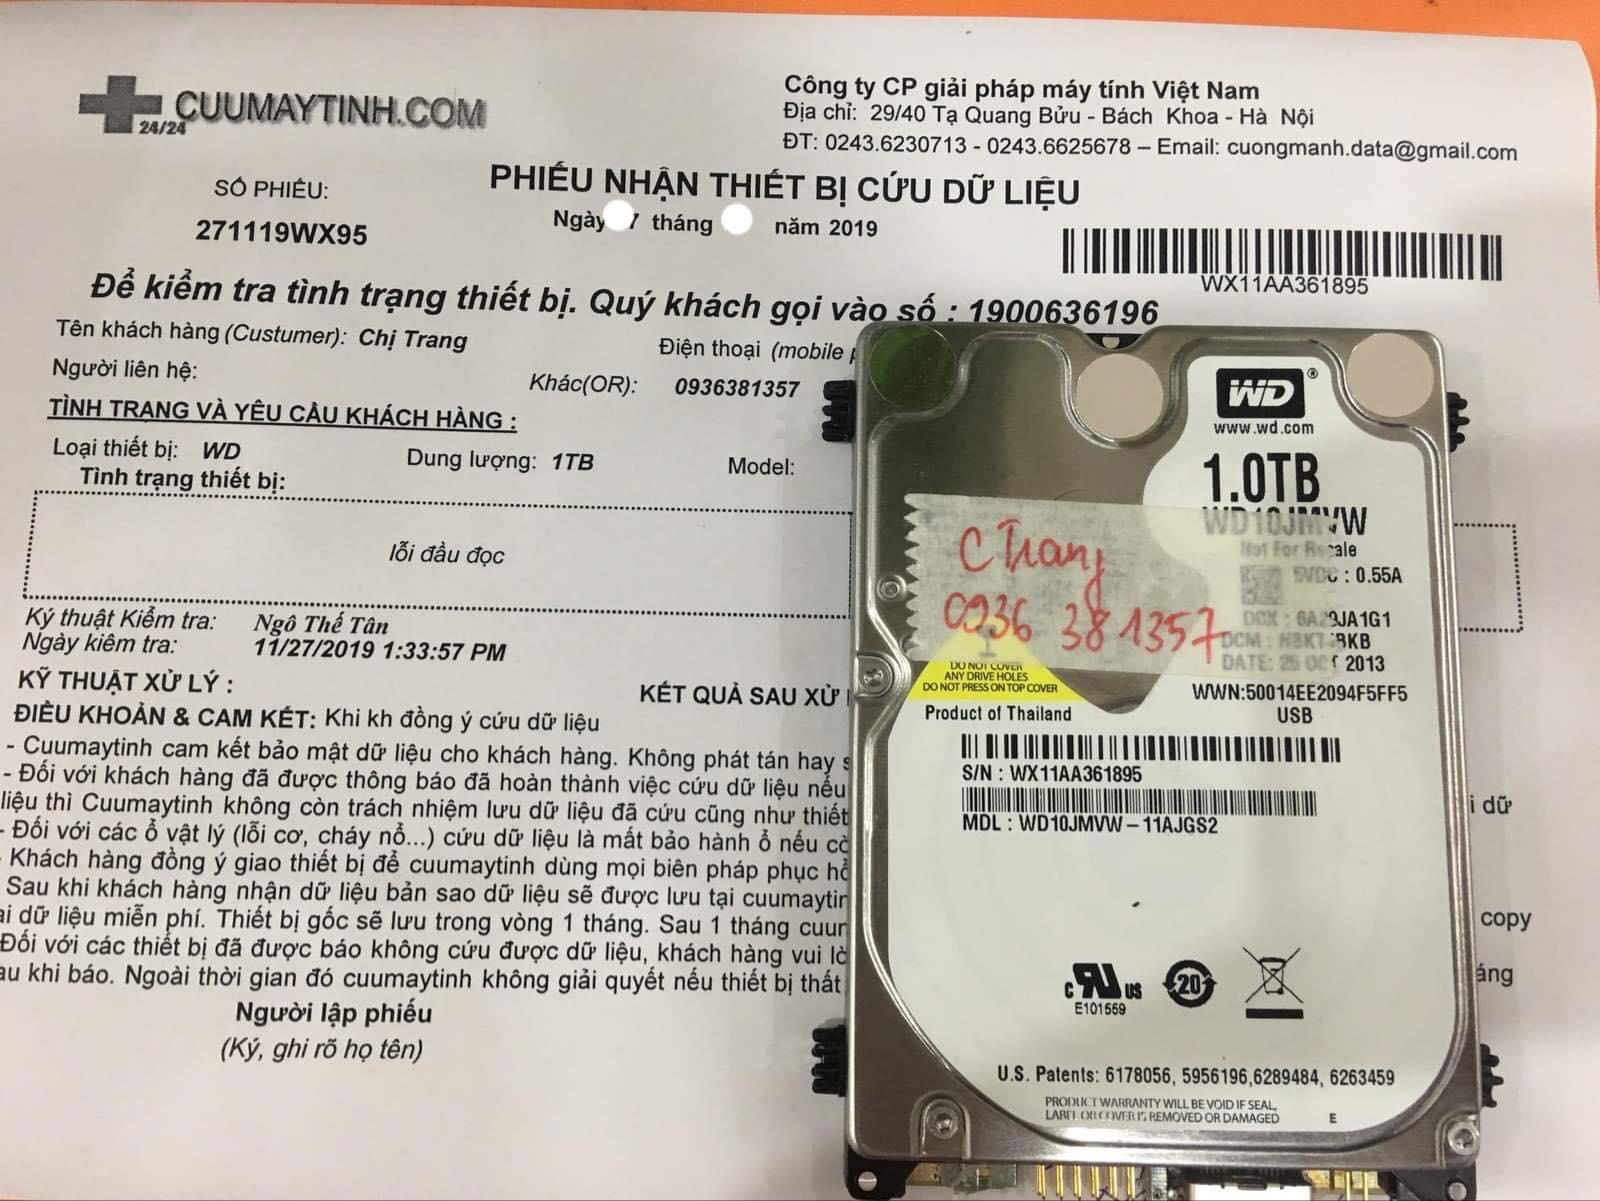 Phục hồi dữ liệu ổ cứng Western 1TB lỗi đầu đọc 05/12/2019 - cuumaytinh